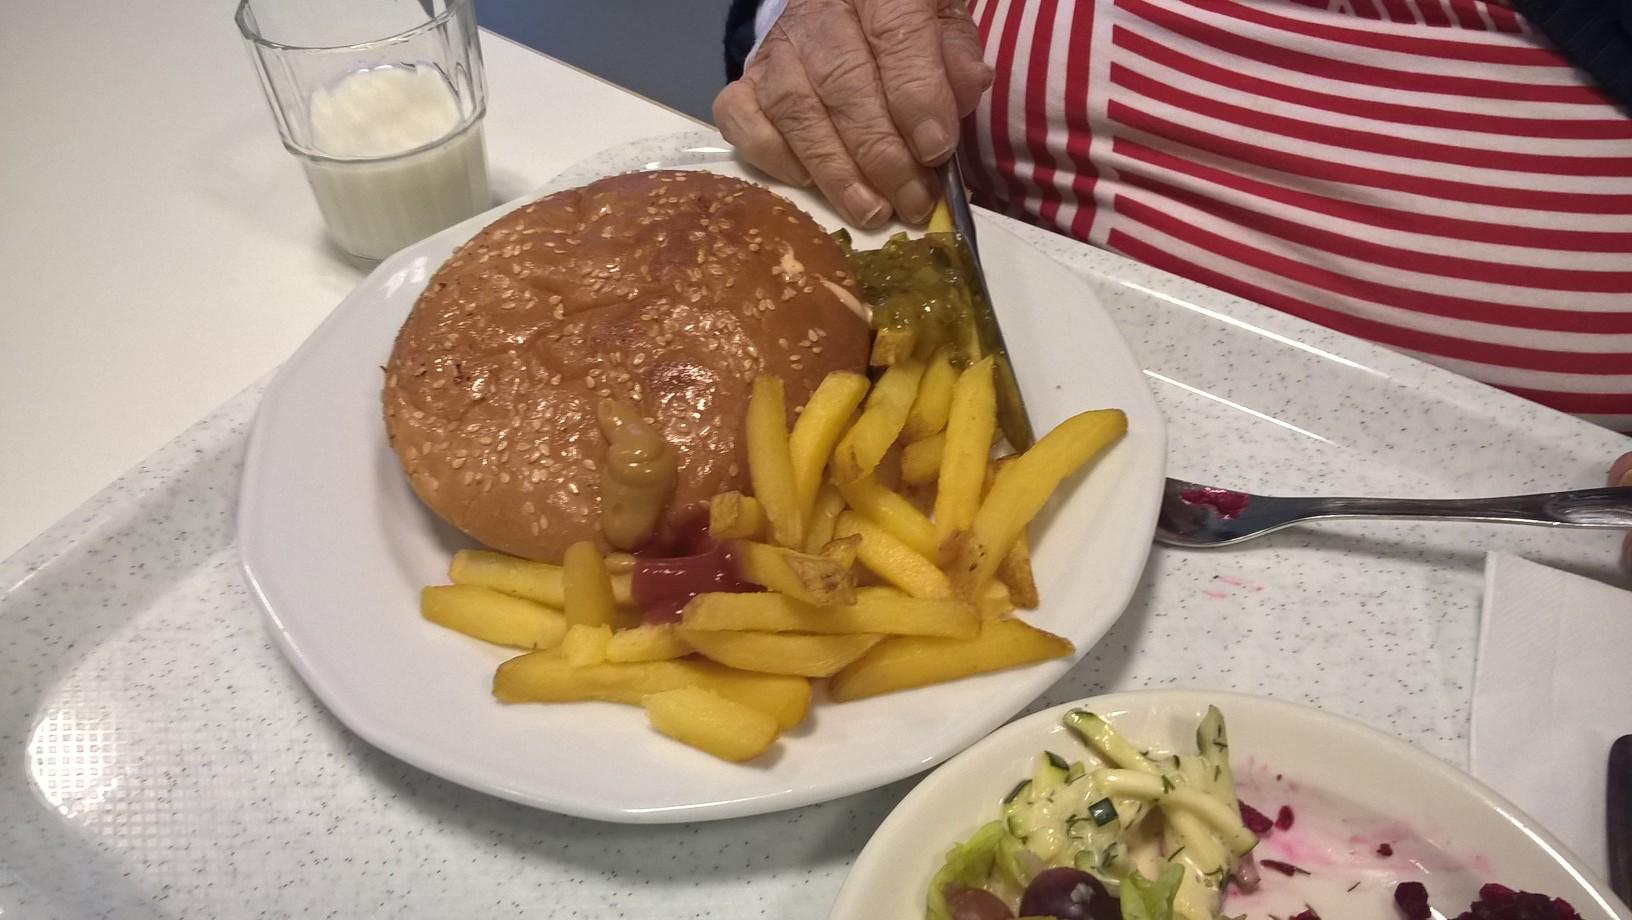 Viitakodin hampurilainen ranskalaislla